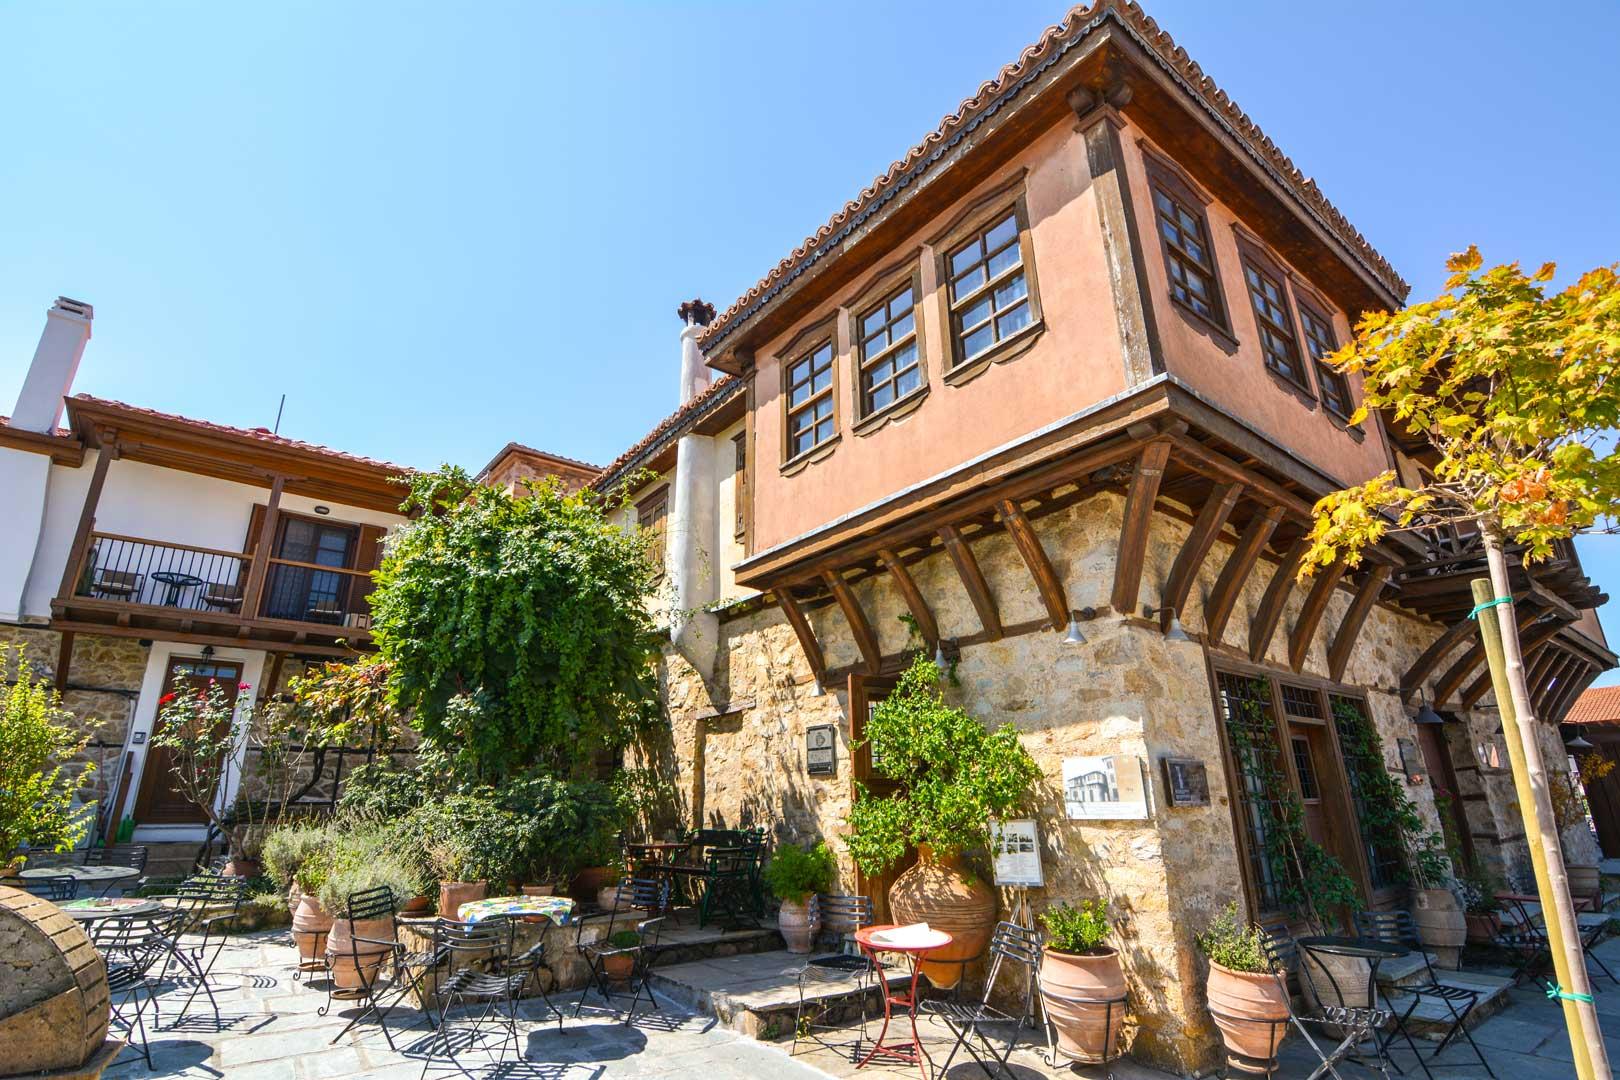 Παραδοσιακός Ξενώνας αρναία travelshare.gr